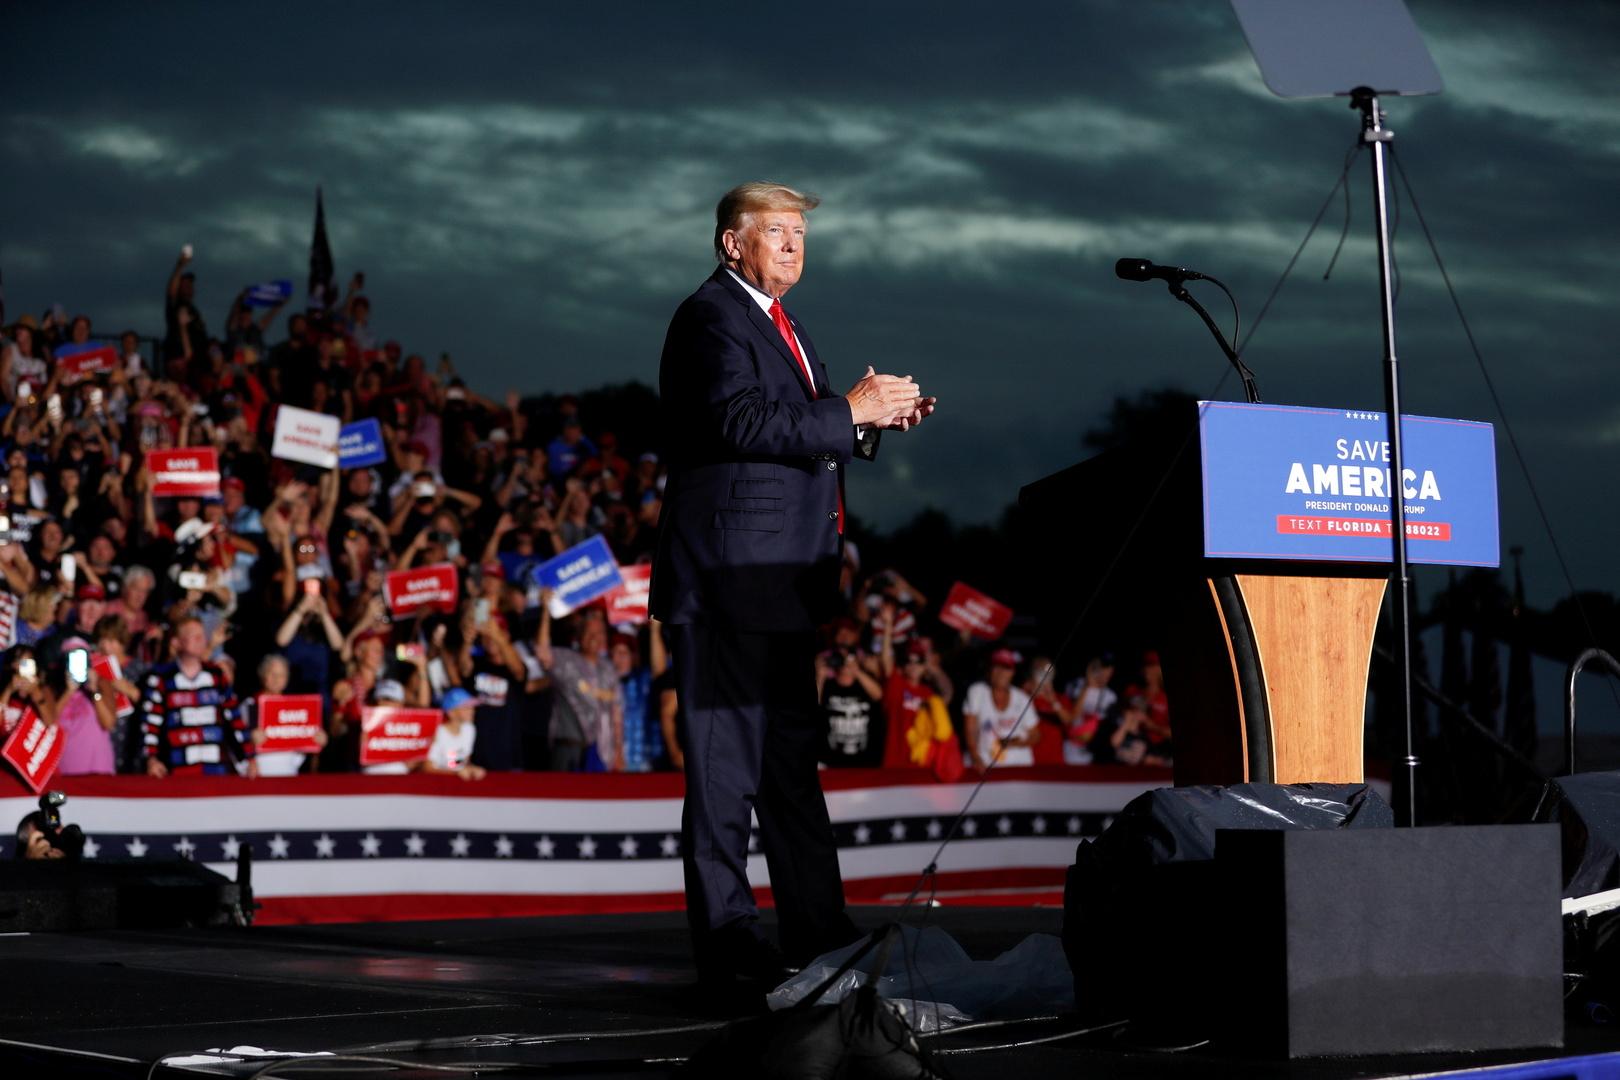 كاتب صحفي: عدم ارتداء ترامب للكمامة غيّر اتجاه السباق الرئاسي